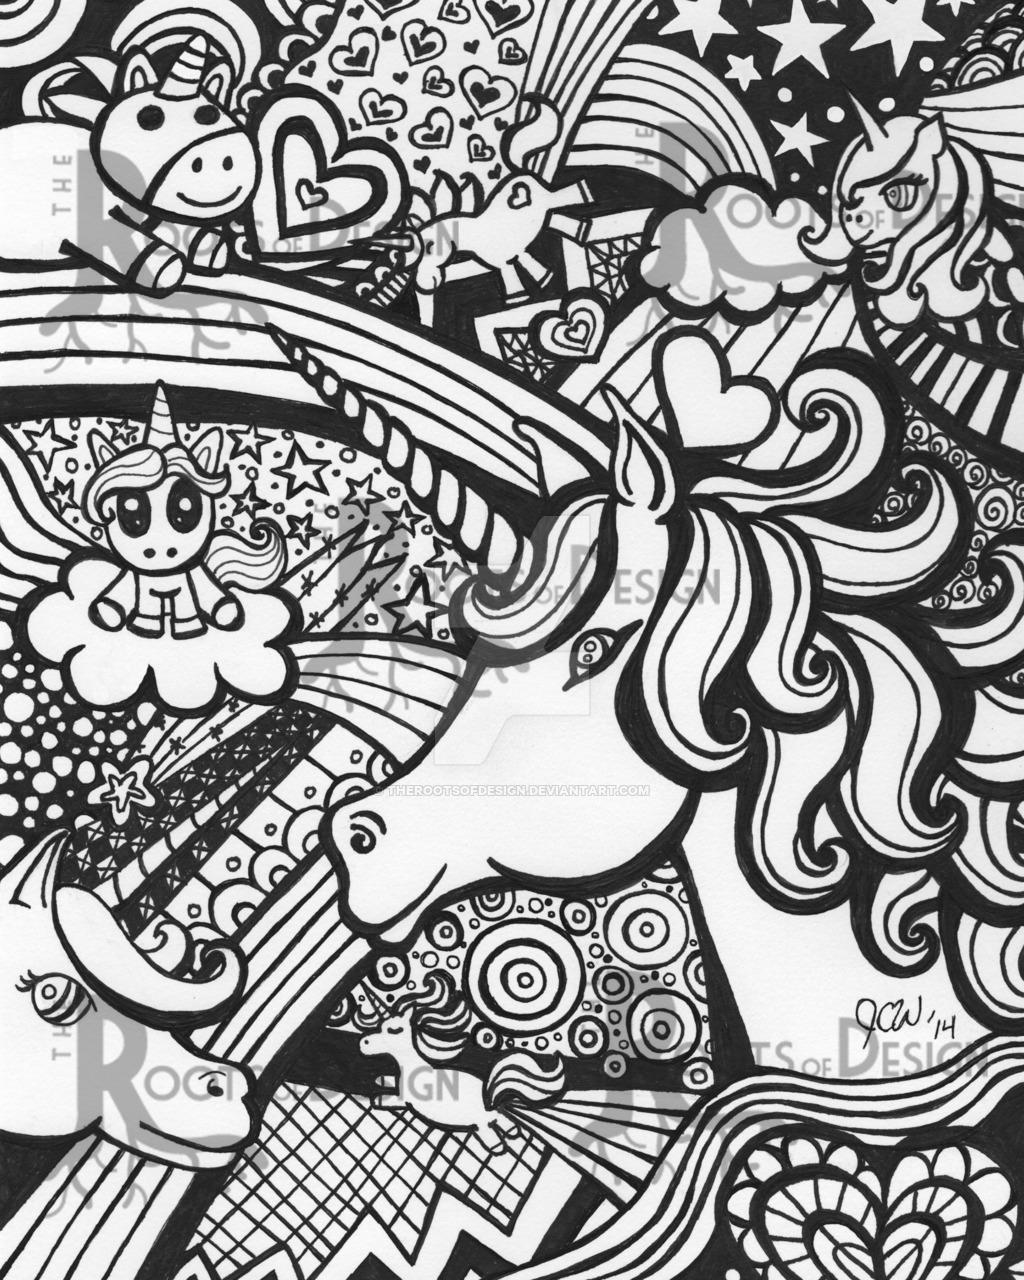 1024x1280 Unicorn Doodle By TheRootsOfDesign On DeviantArt